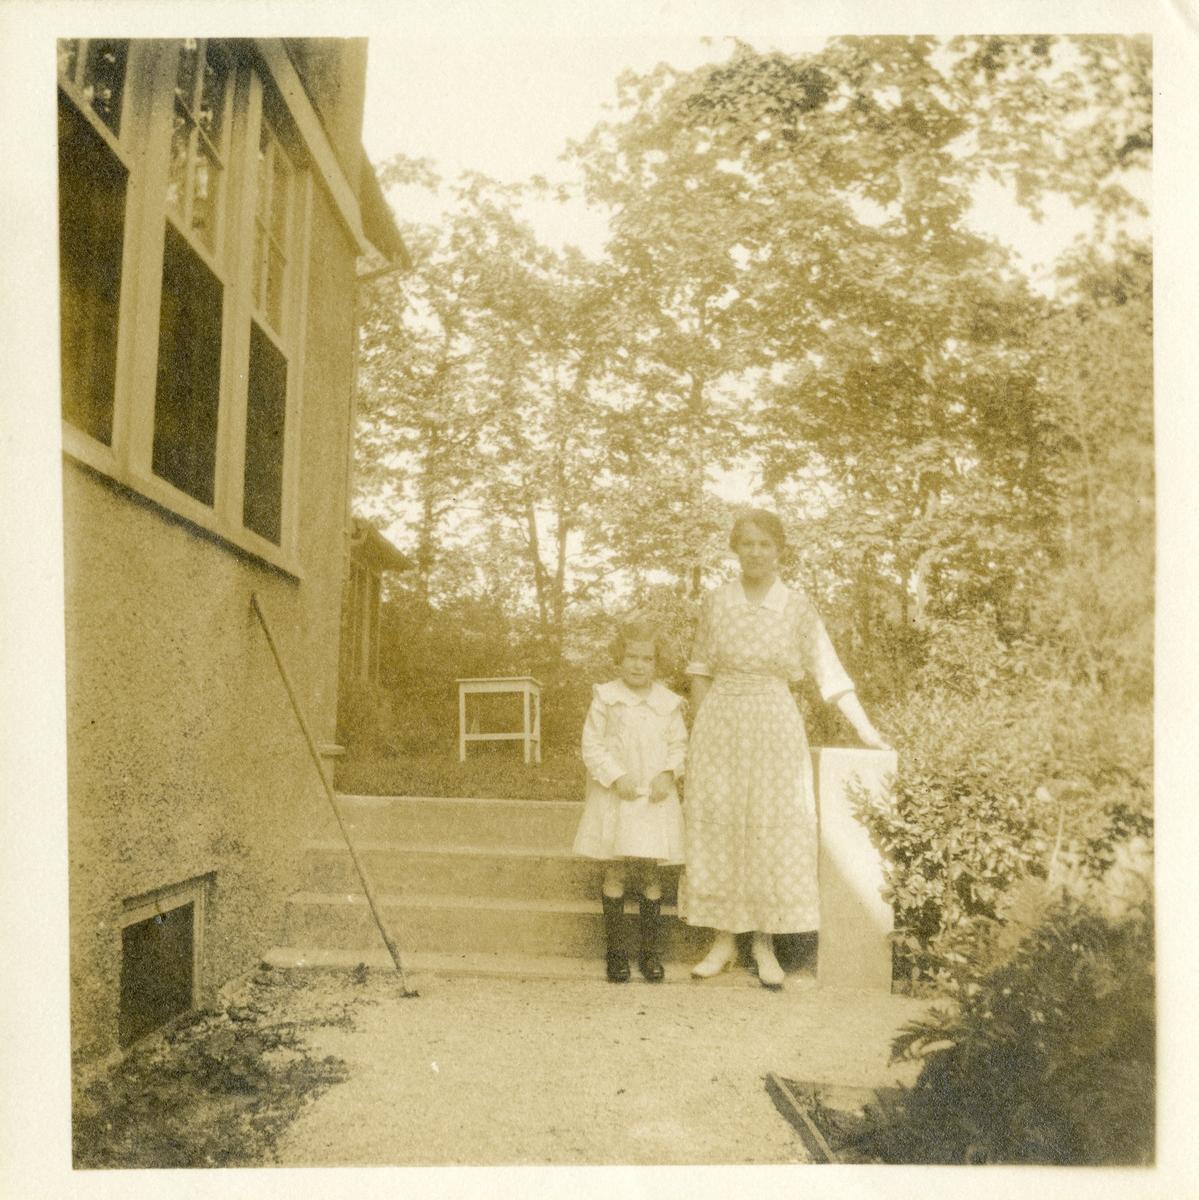 Kvinne og jente ved ei trapp utenfor et hus. Kvinna har lang blomstrete kjole, med hvit krage og hvite sko. Jenta har lys kjole med stor krage og mørke sko og knestrømper. Foto tatt i Amerika.